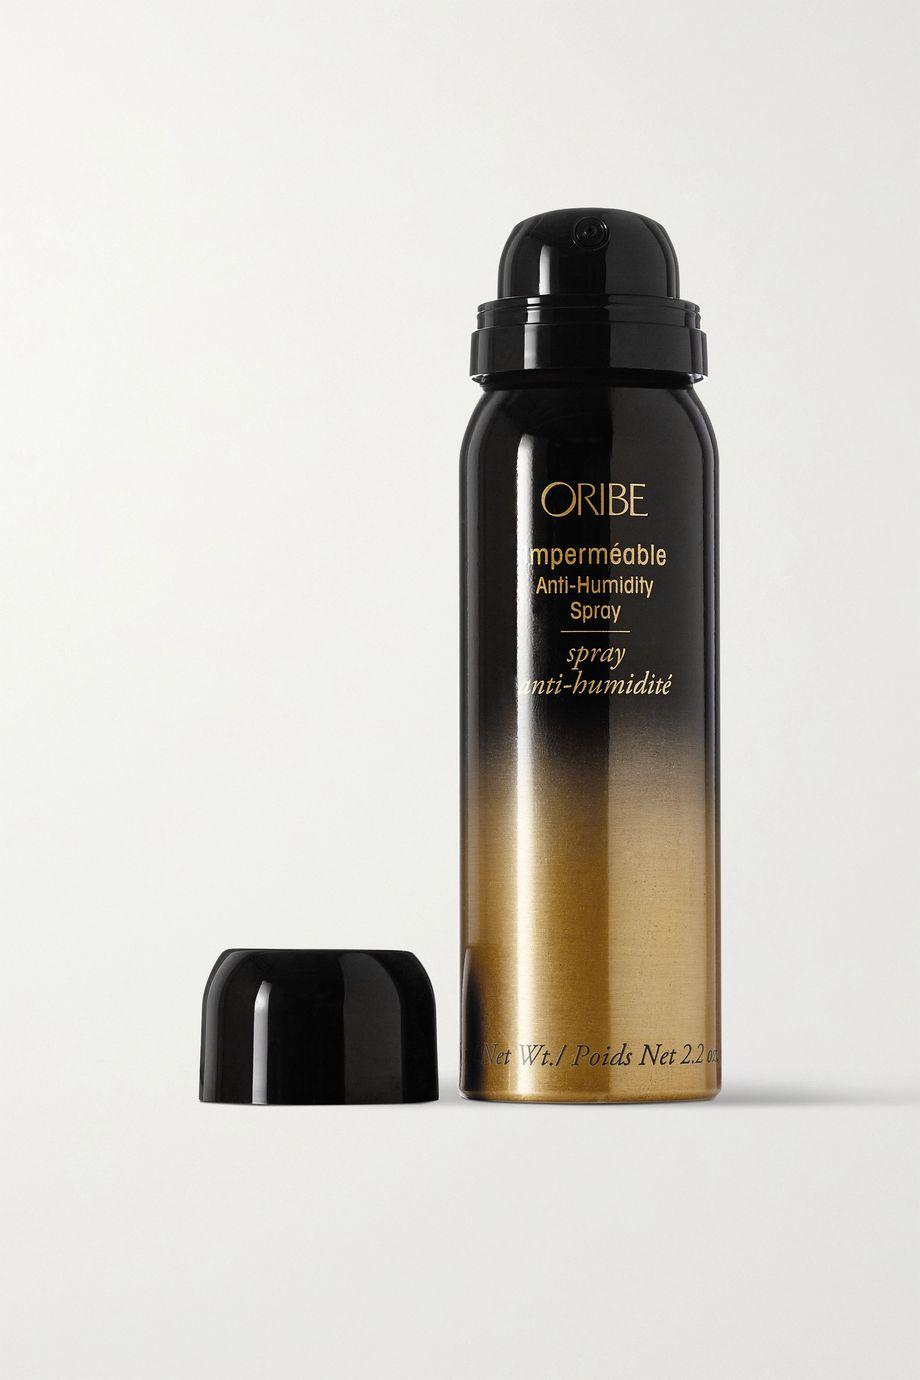 Oribe Travel-Sized Imperméable Anti-Humidity Spray, 75ml